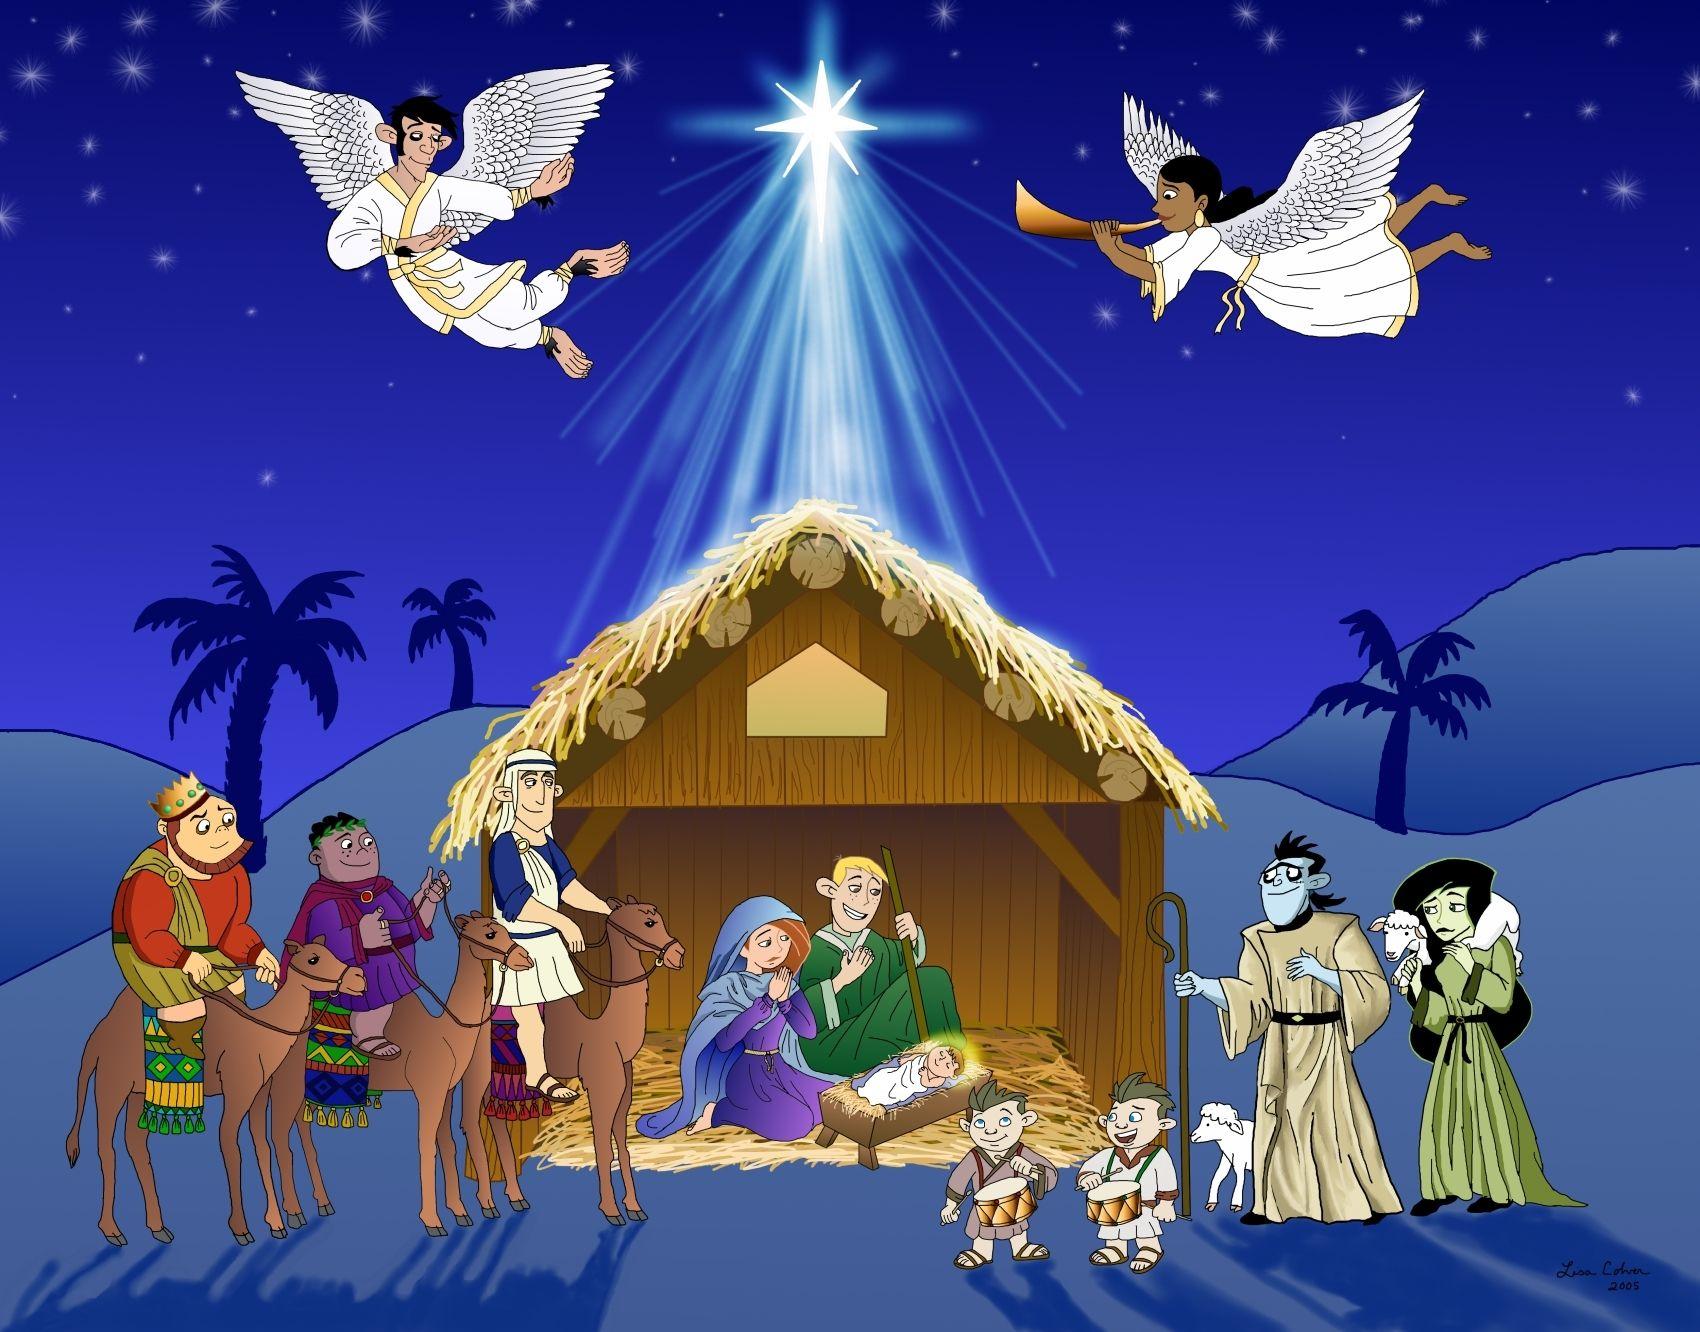 nativity scene clip art kim possible nativity scene by drakkenfan fan art digital art  [ 1700 x 1332 Pixel ]